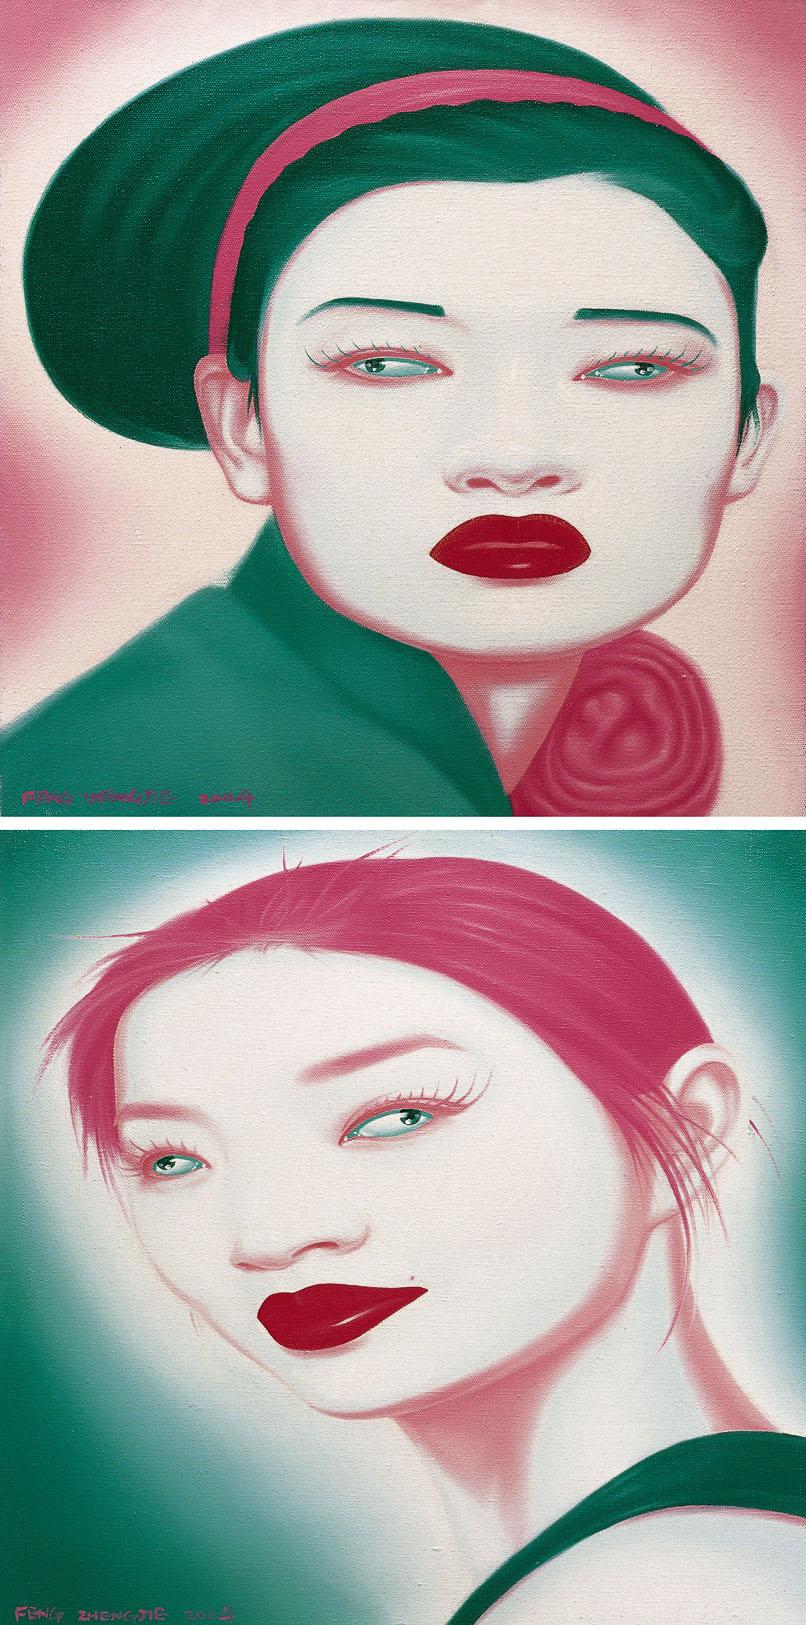 中国肖像No.24/26(两幅)